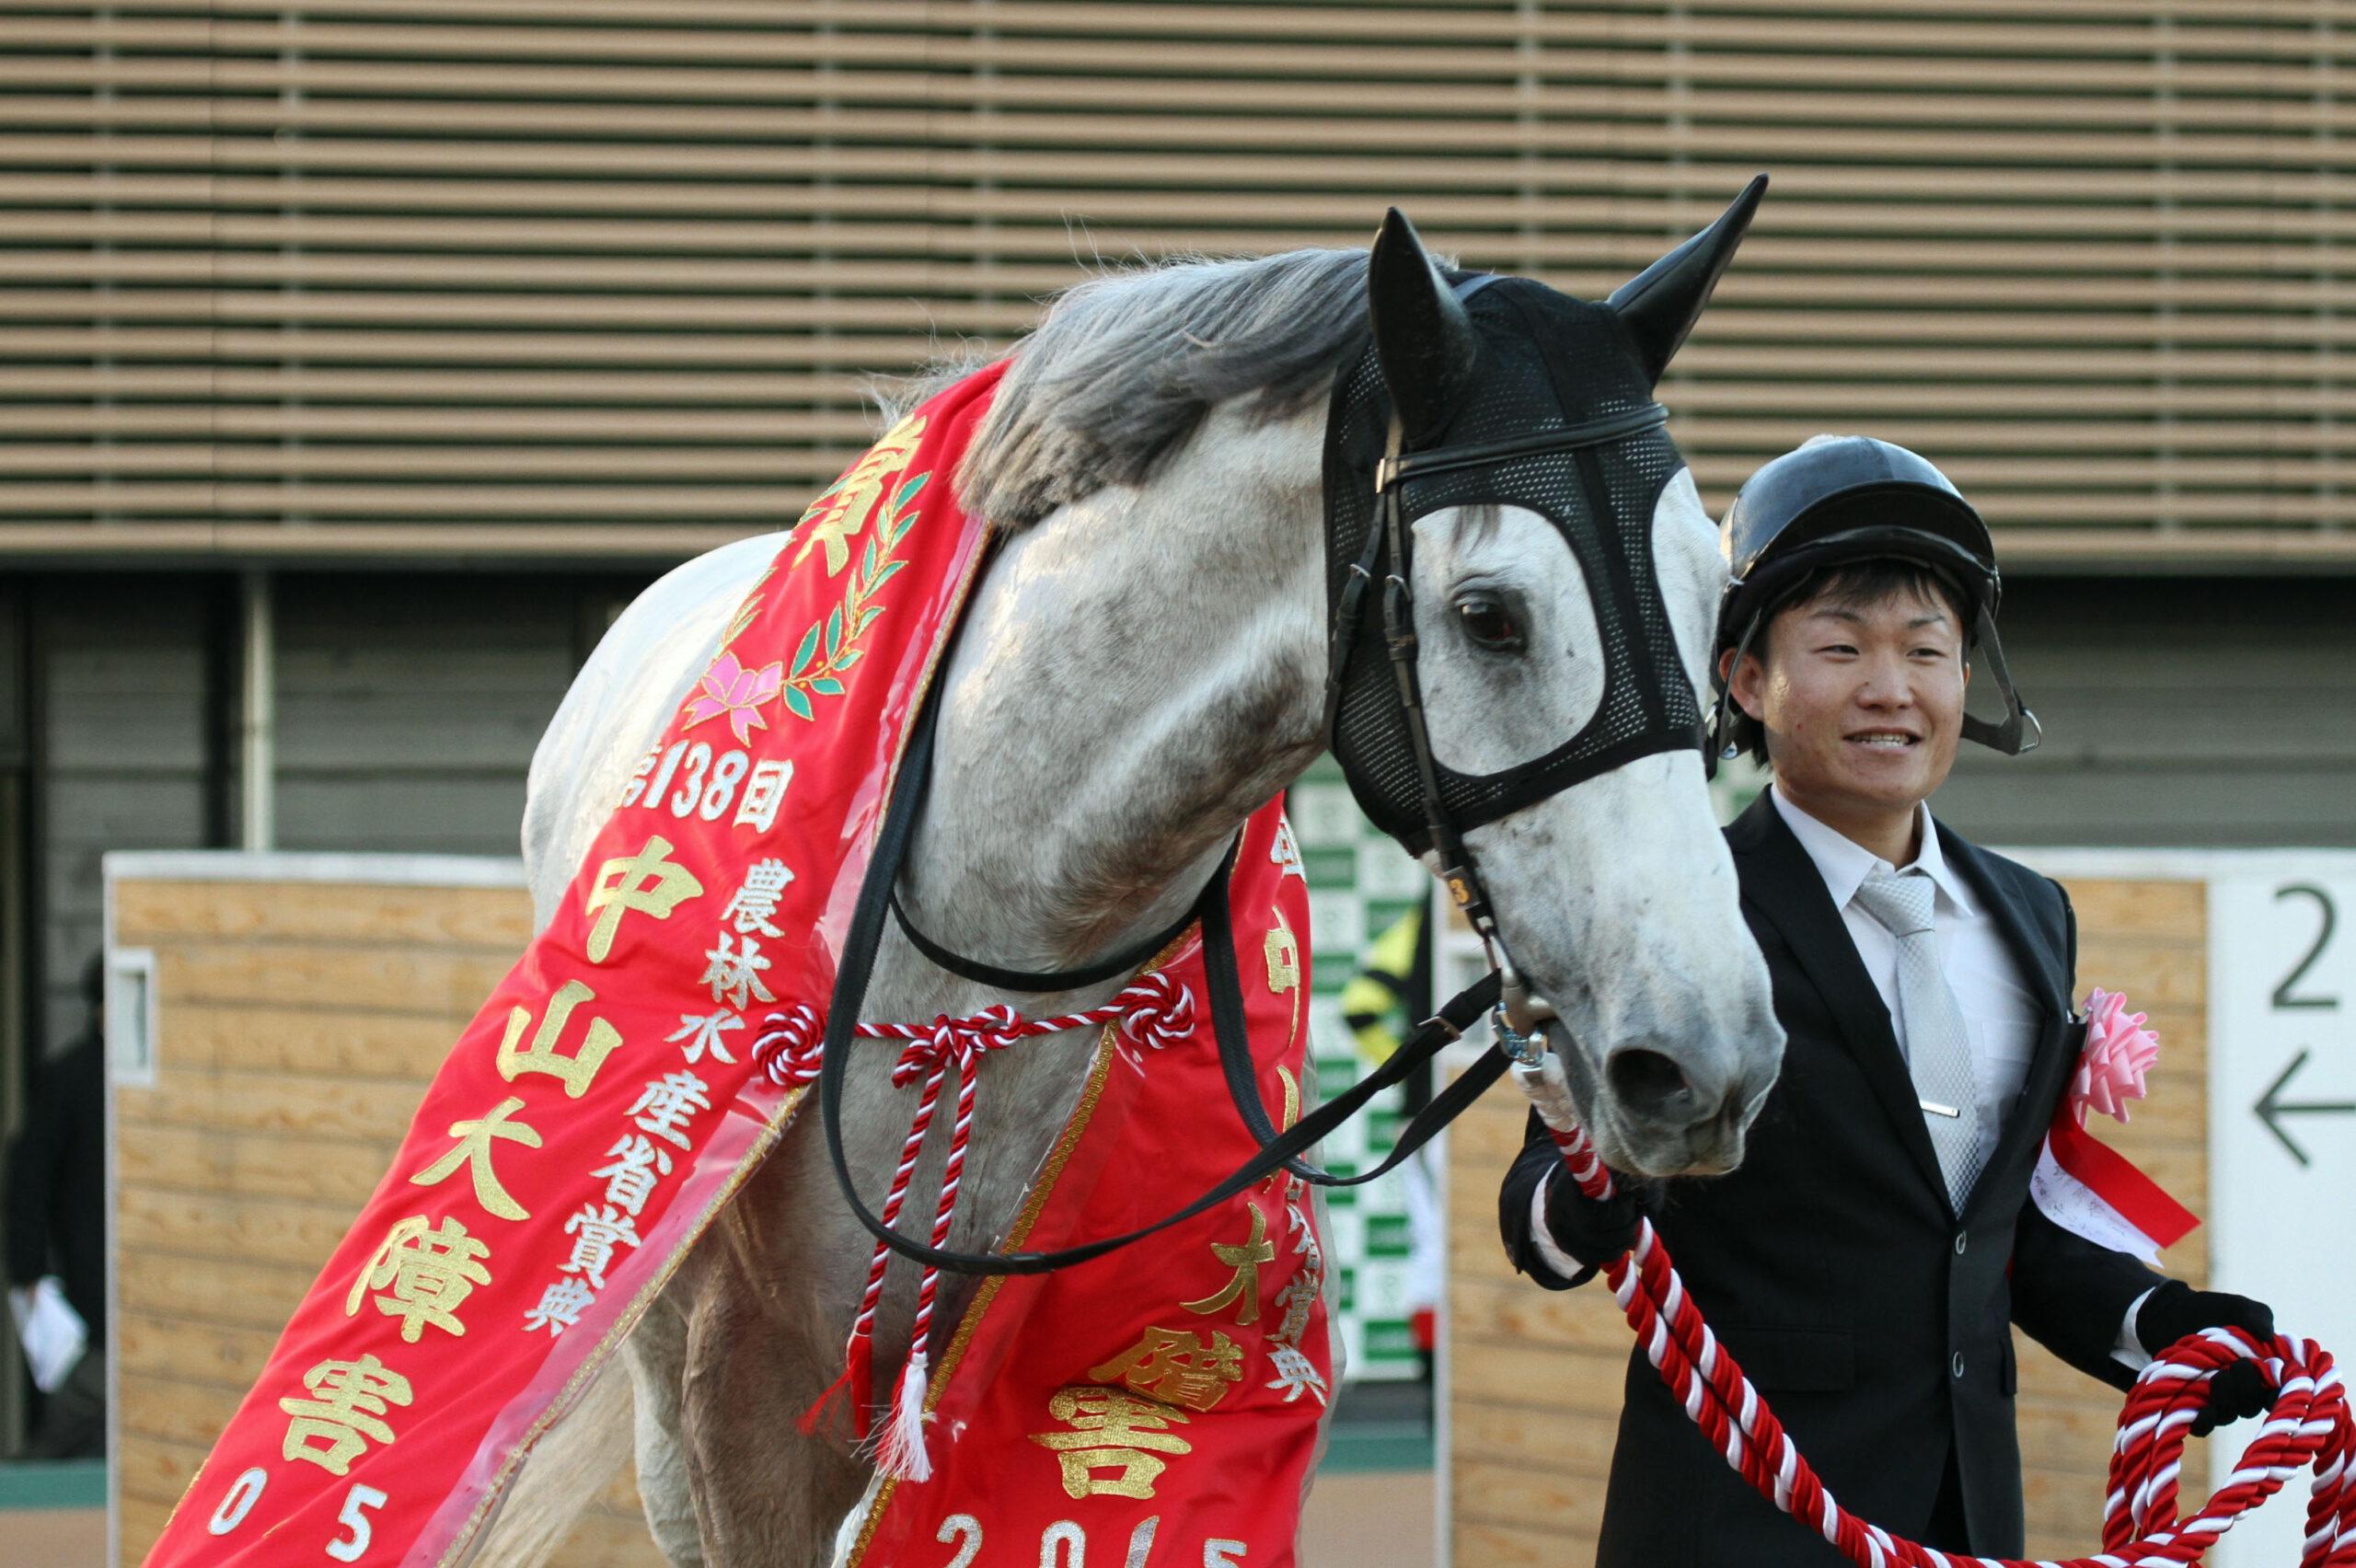 「僕の『ゴールドシップ』」林騎手1994回目、別れの騎乗~名障害馬・アップトゥデイト~